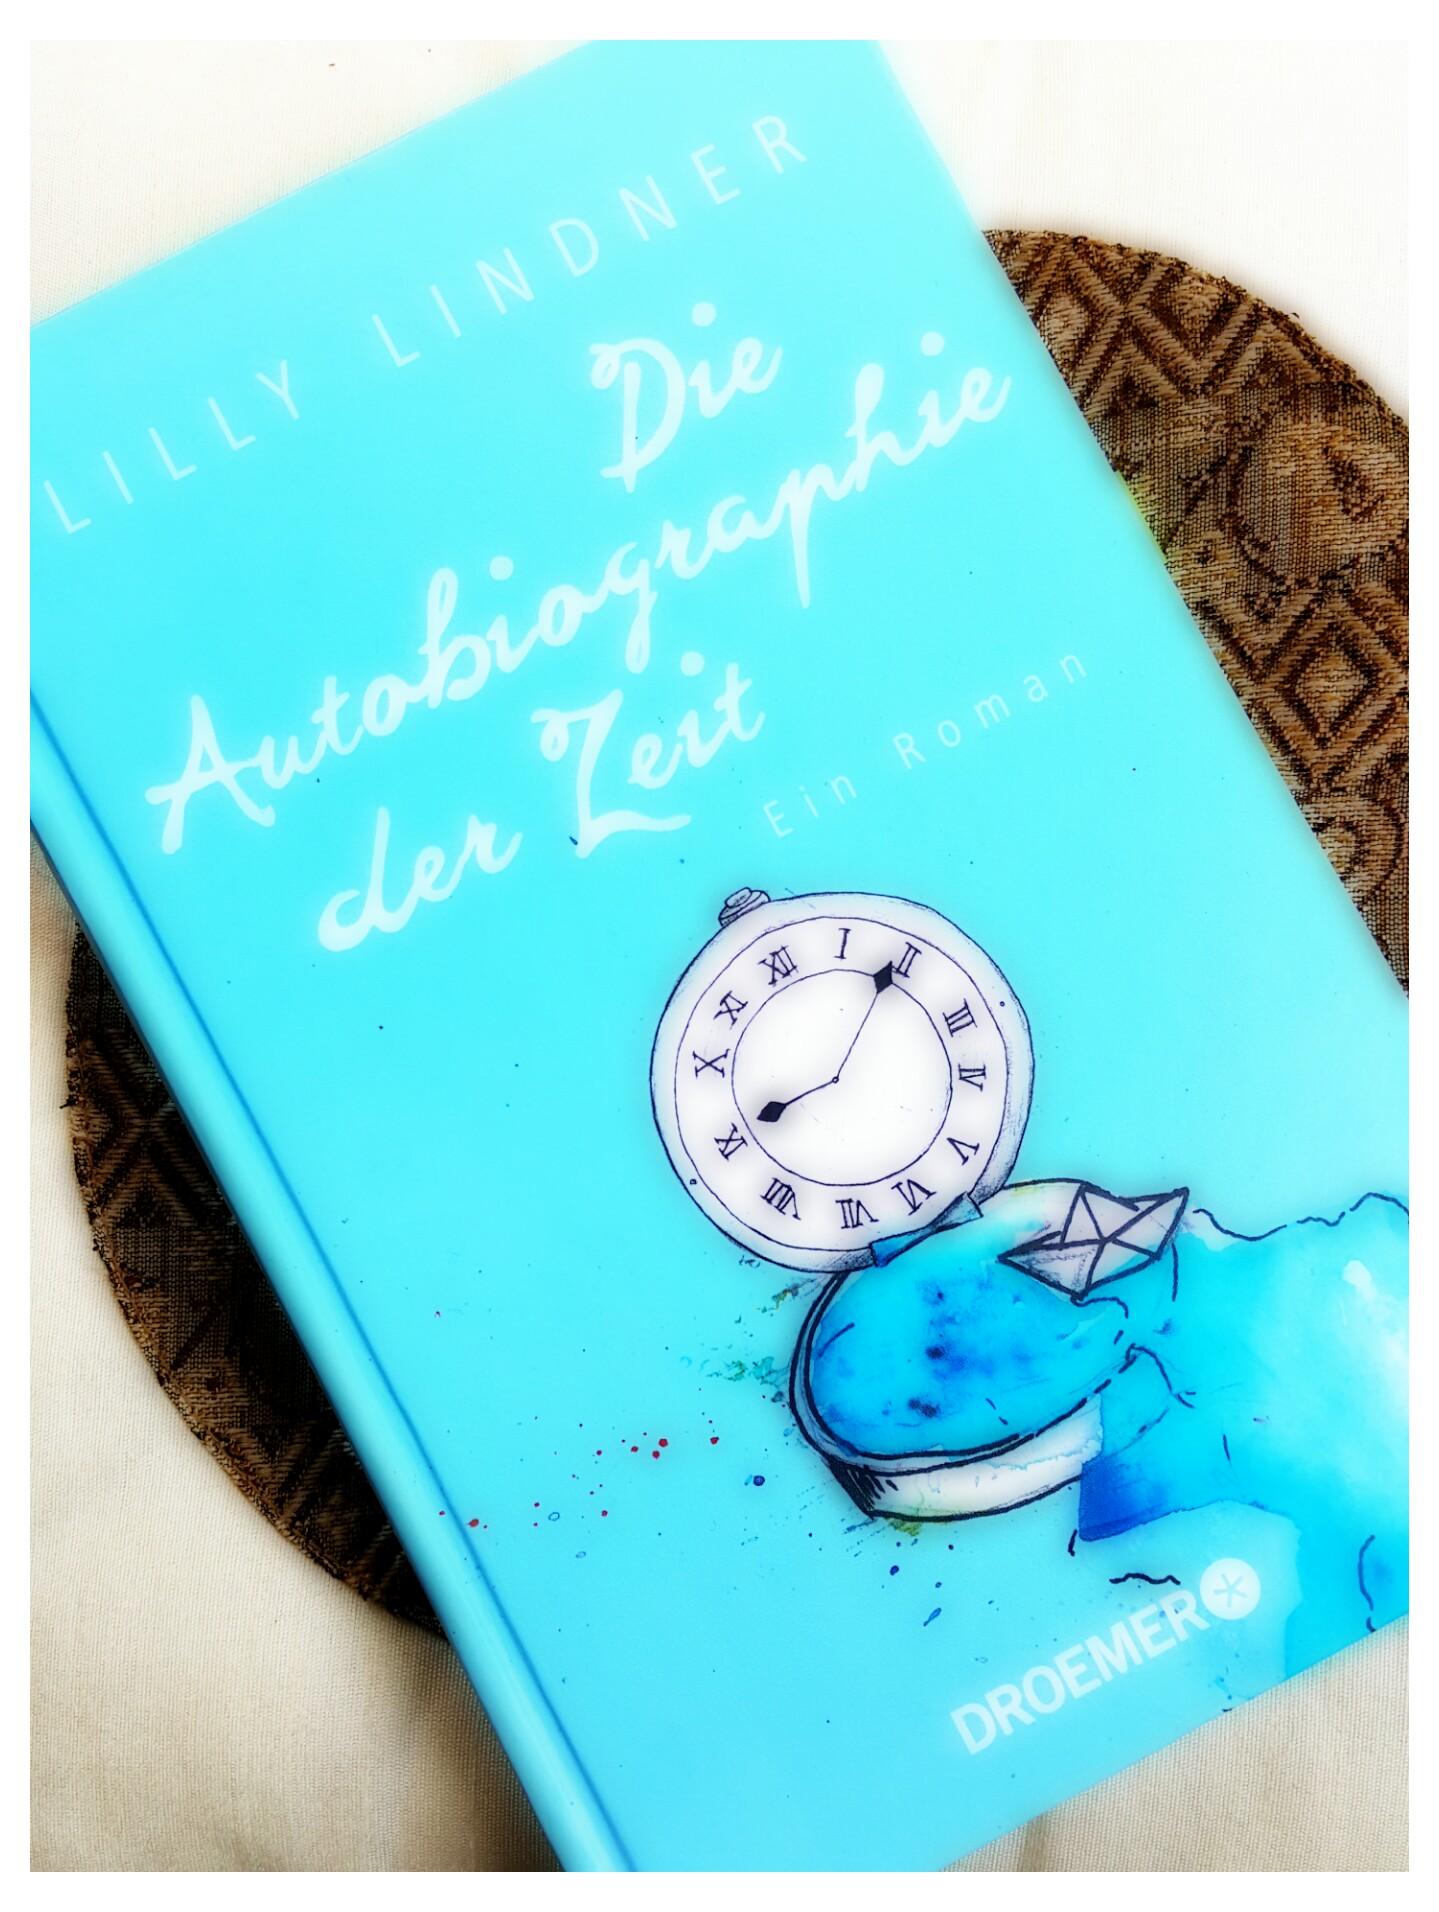 Lilly Lindner – Die Autobiographie der Zeit